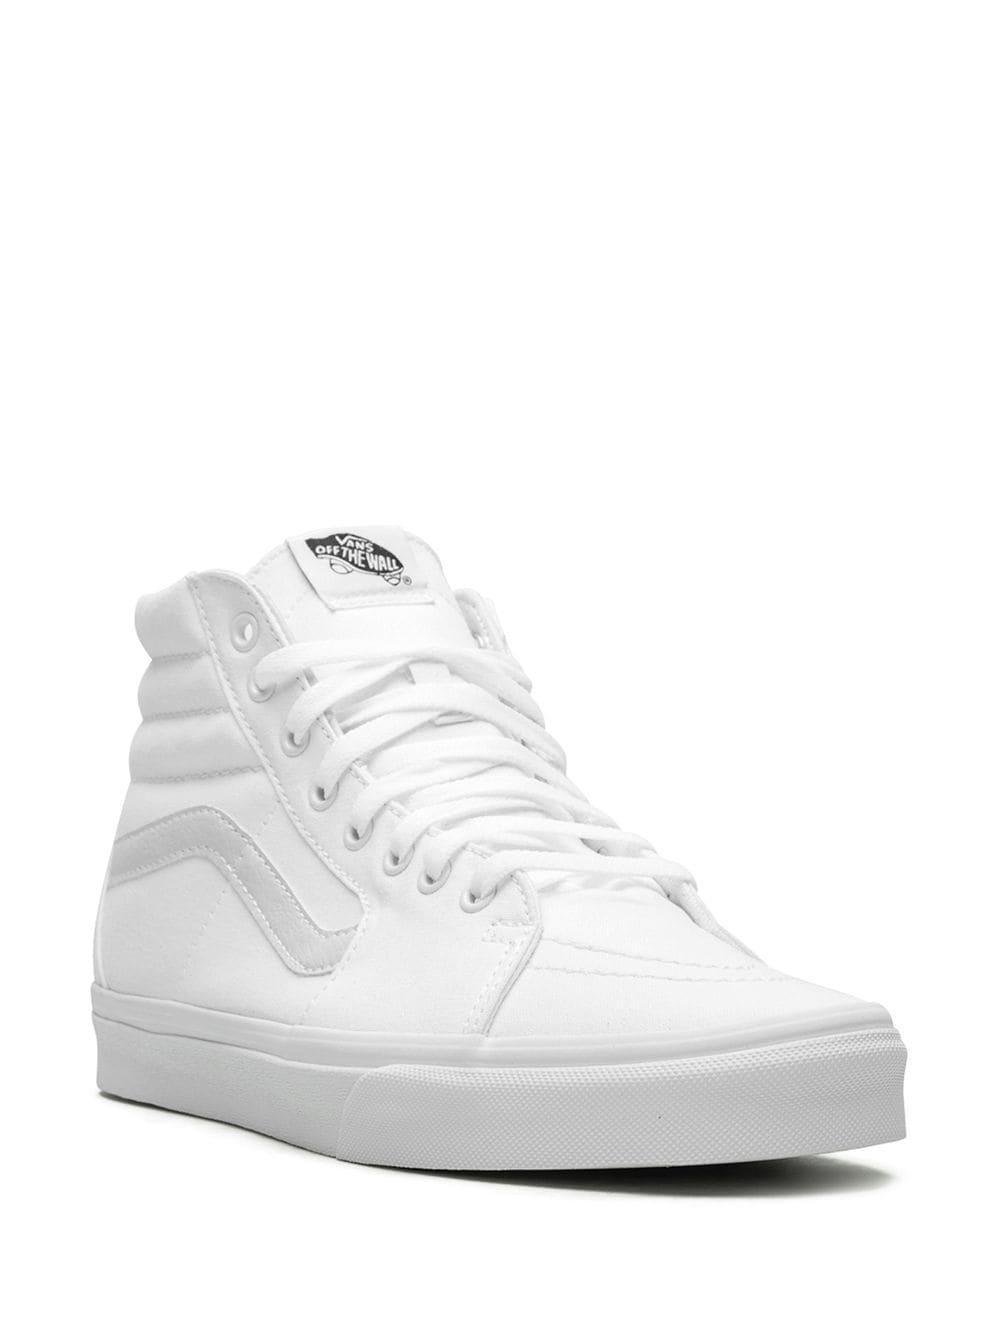 Zapatillas SK8-HI Vans de Lona de color Blanco para hombre